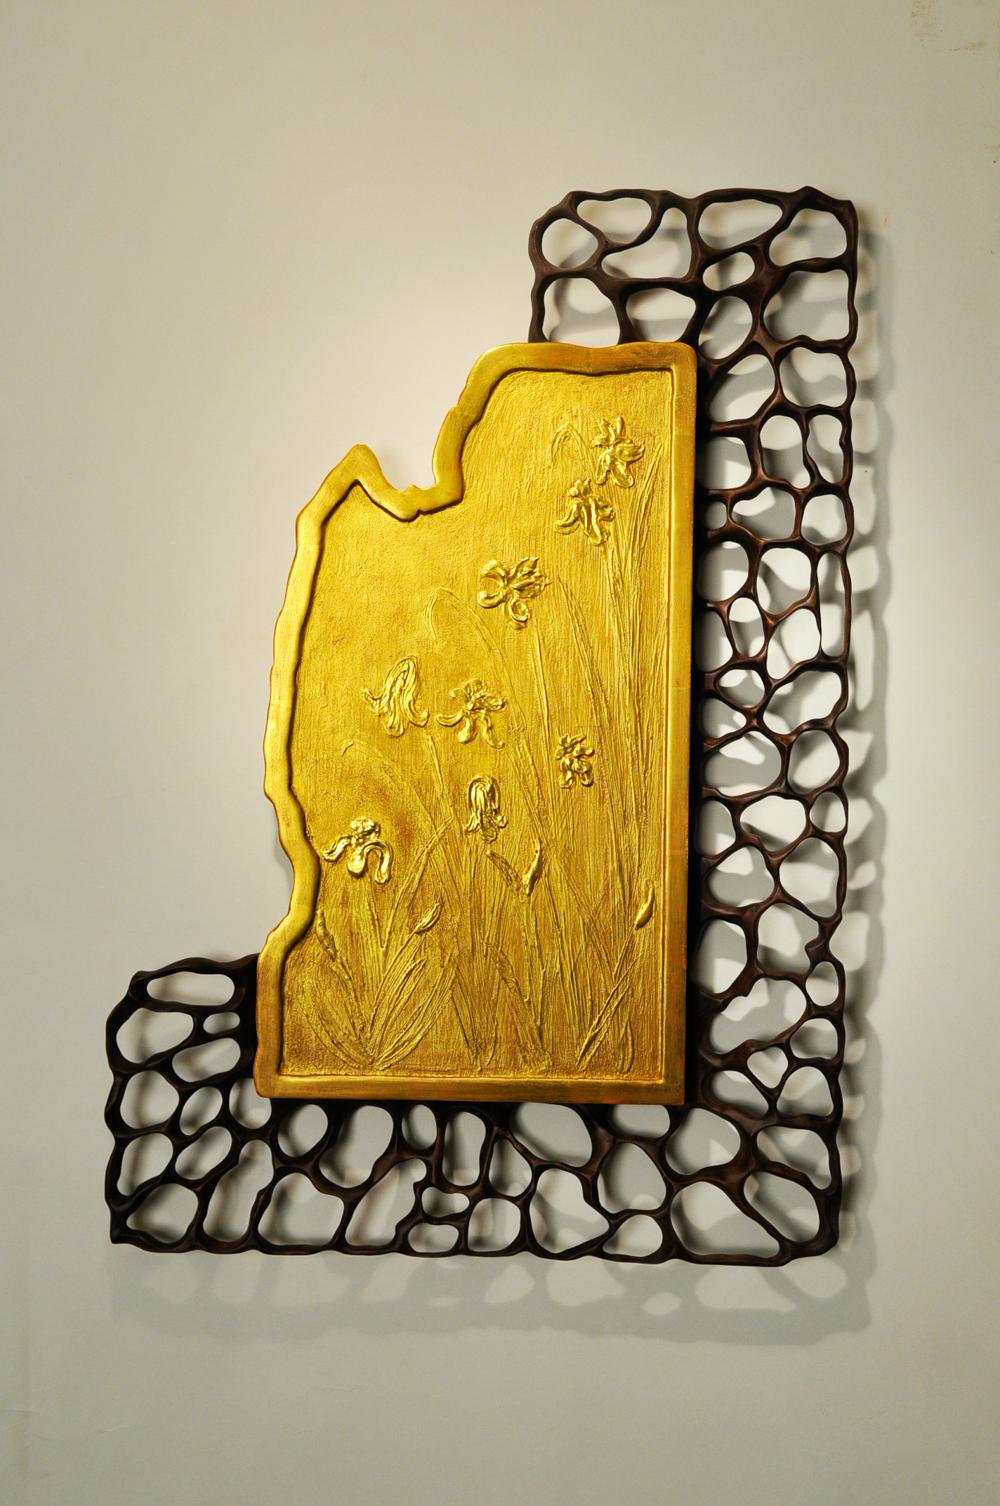 Gold Leaf Panel and Walnut Frame